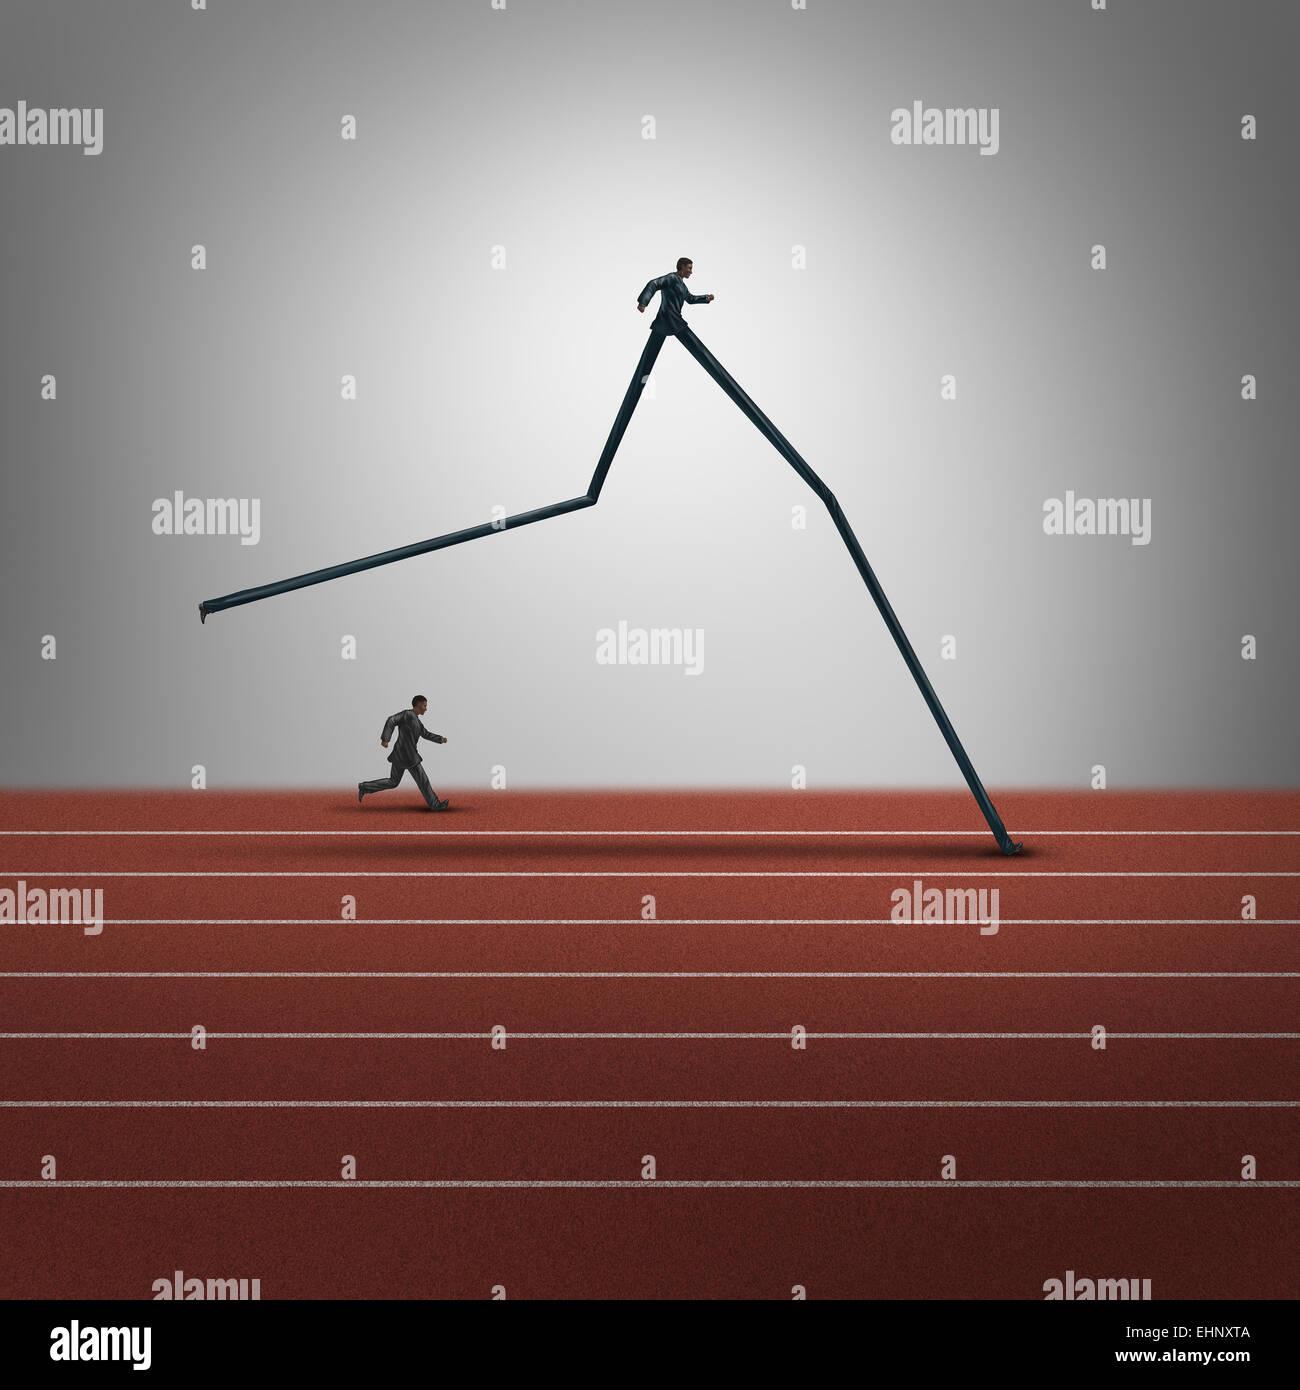 Competenze aziendali concetto di vantaggio competitivo e una posizione dominante come simbolo di due imprenditori Immagini Stock